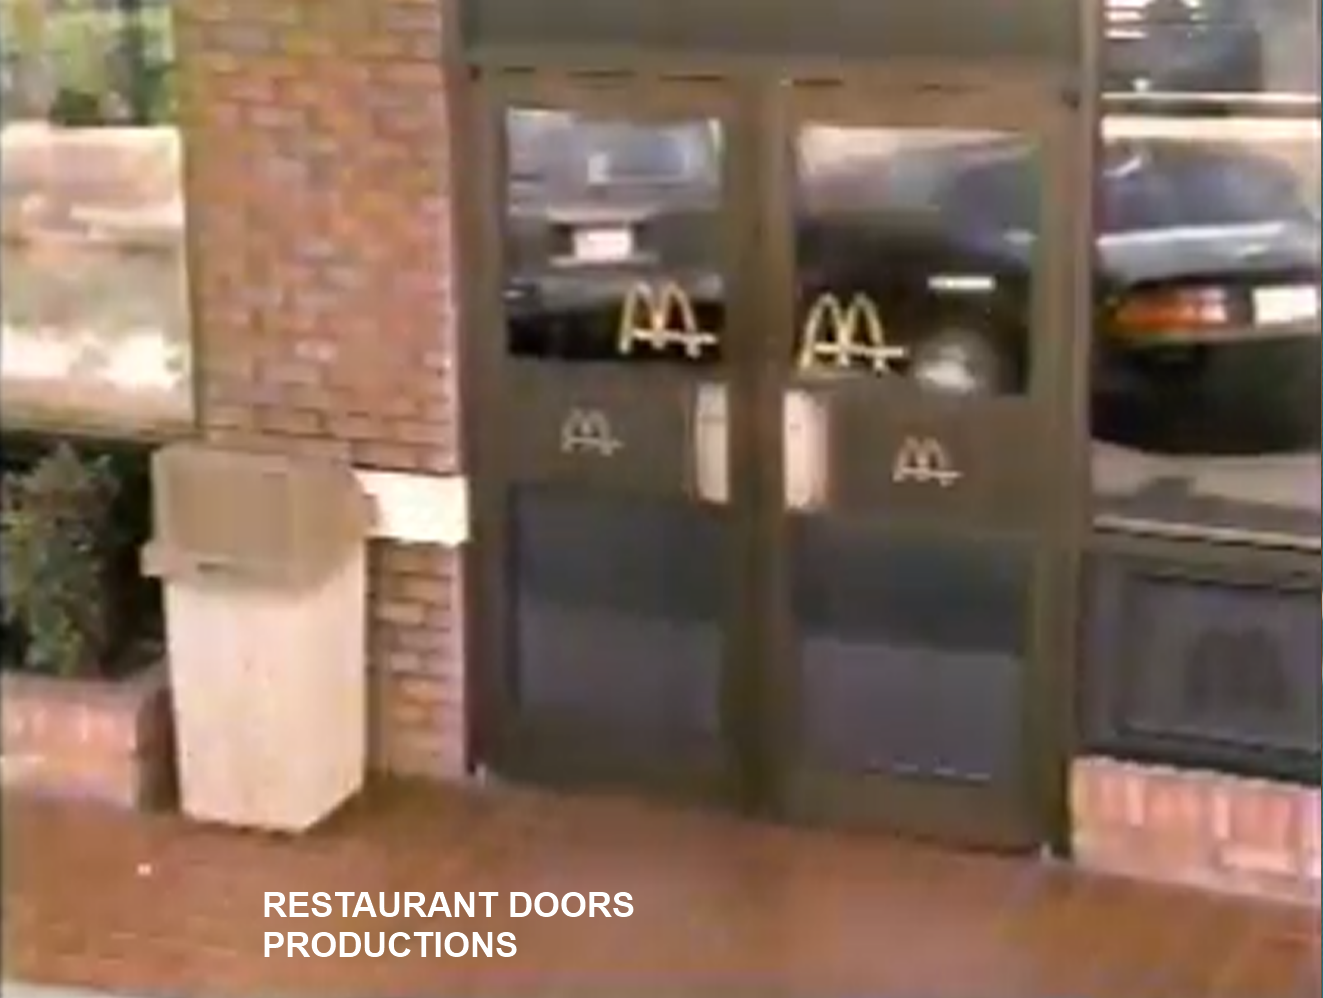 Restaurant Doors Productions